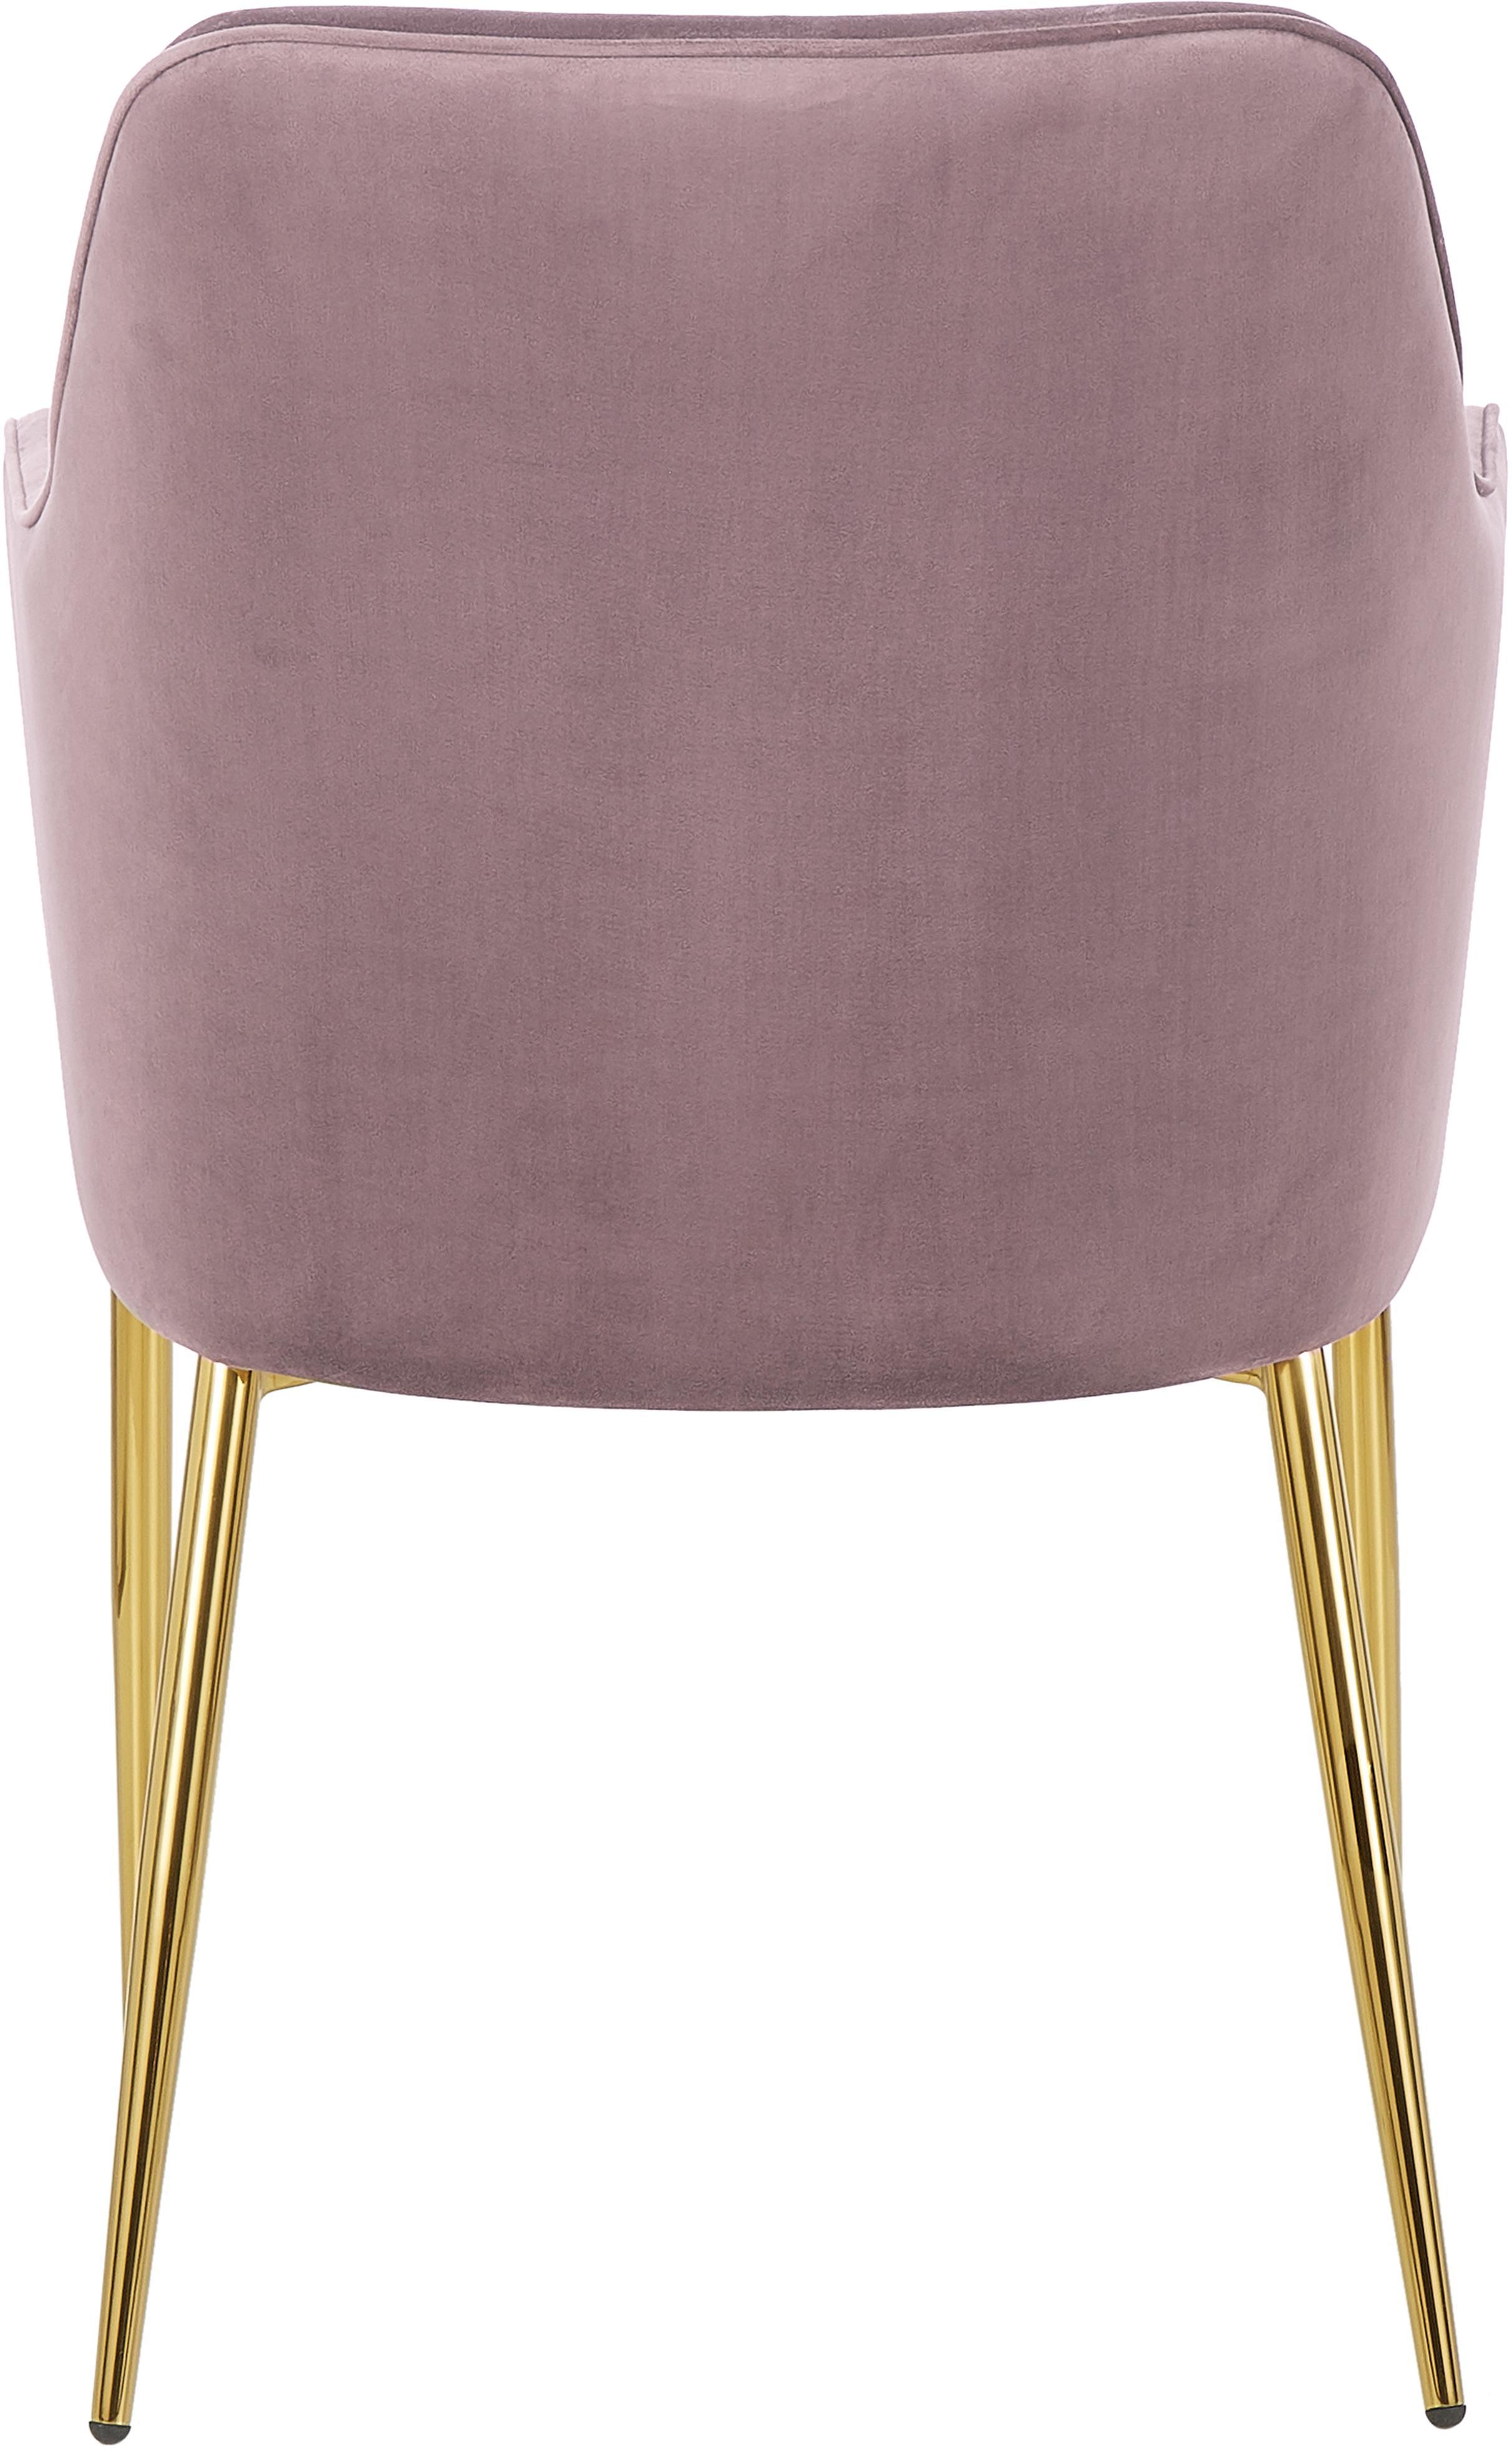 Fluwelen armstoel Ava met goudkleurige poten, Bekleding: fluweel (polyester), Poten: gegalvaniseerd metaal, Fluweel mauve, poten goudkleurig, B 57 x D 62 cm